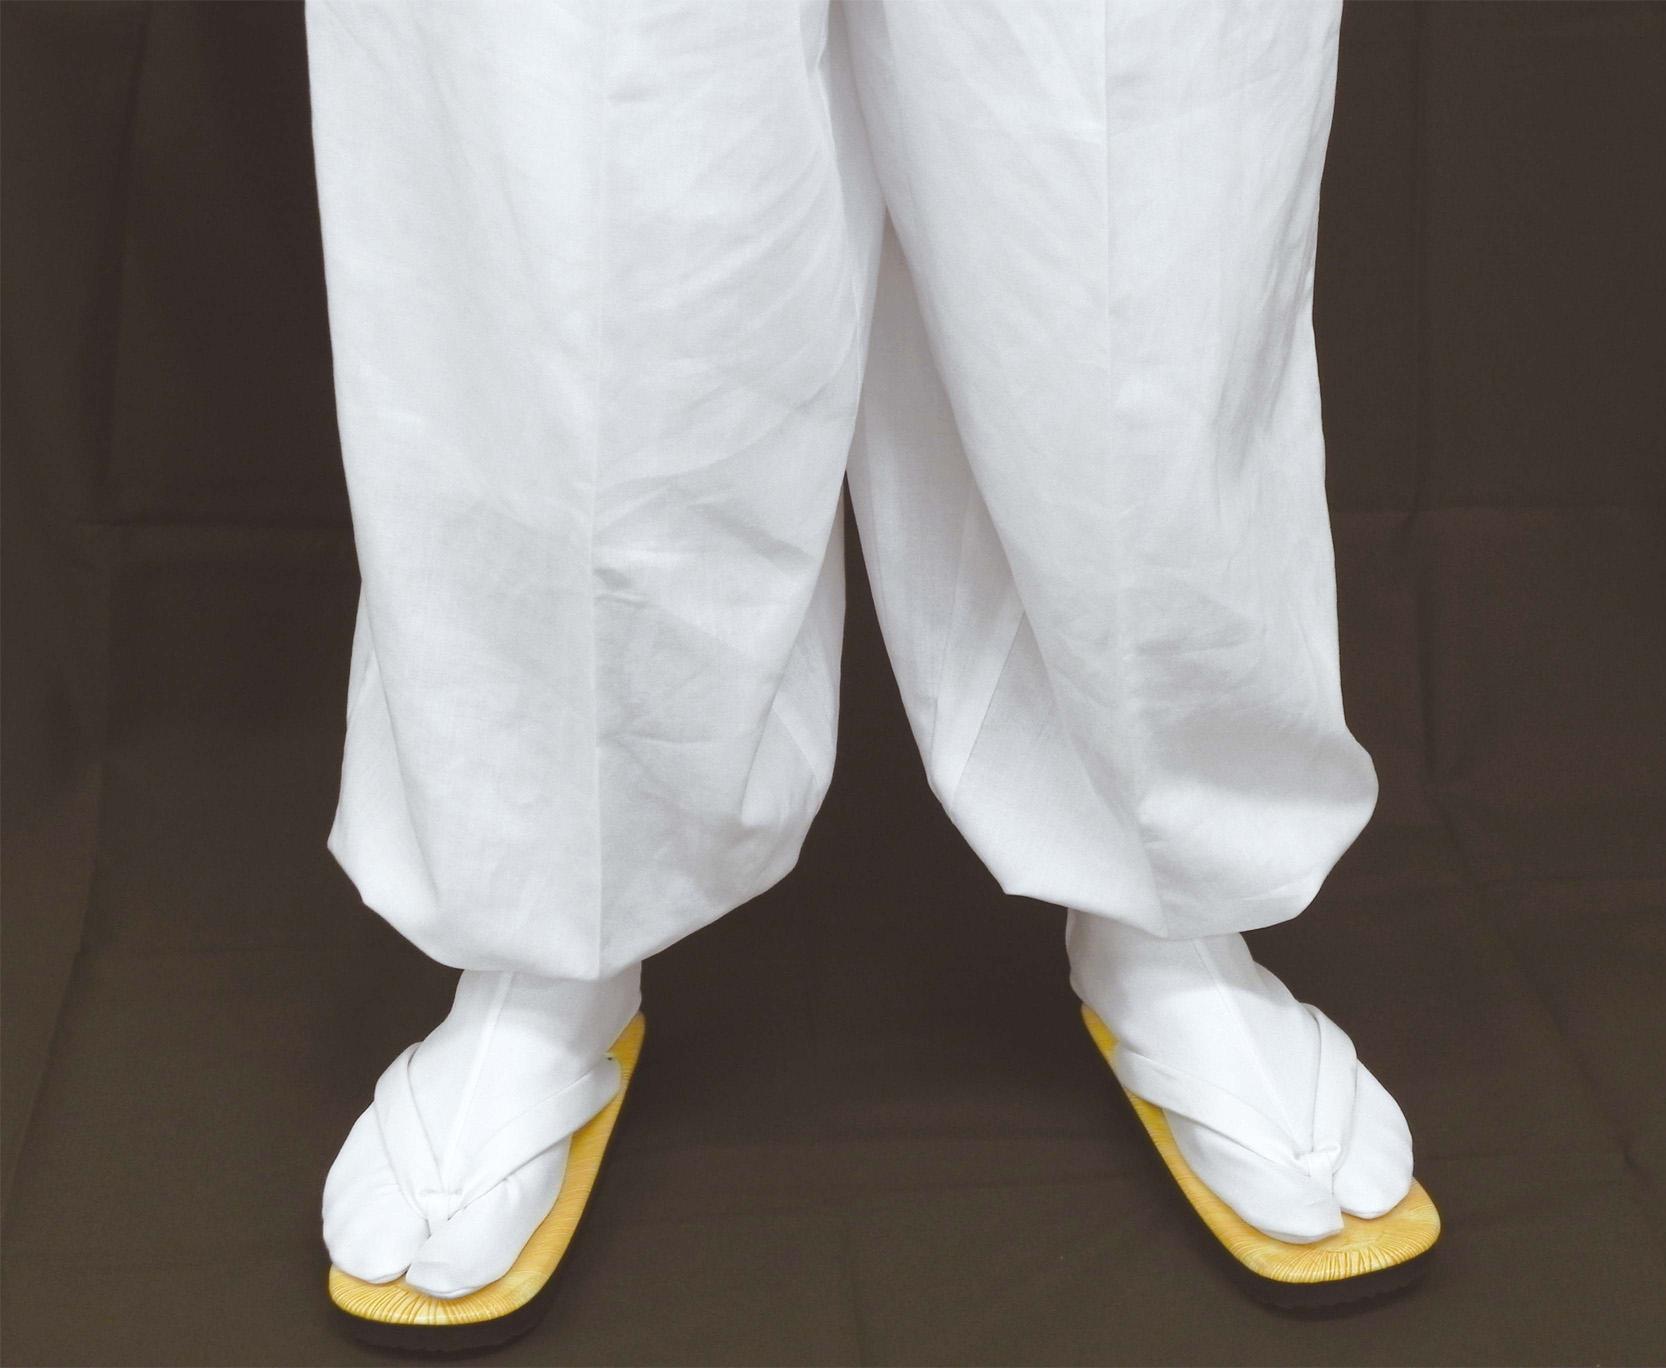 二部式・形状安定綿混薄地白衣 下衣(後部ゴム式裾絞りタイプ)(夏用)【寺院用白衣 男性用 裾がバタつかない!】